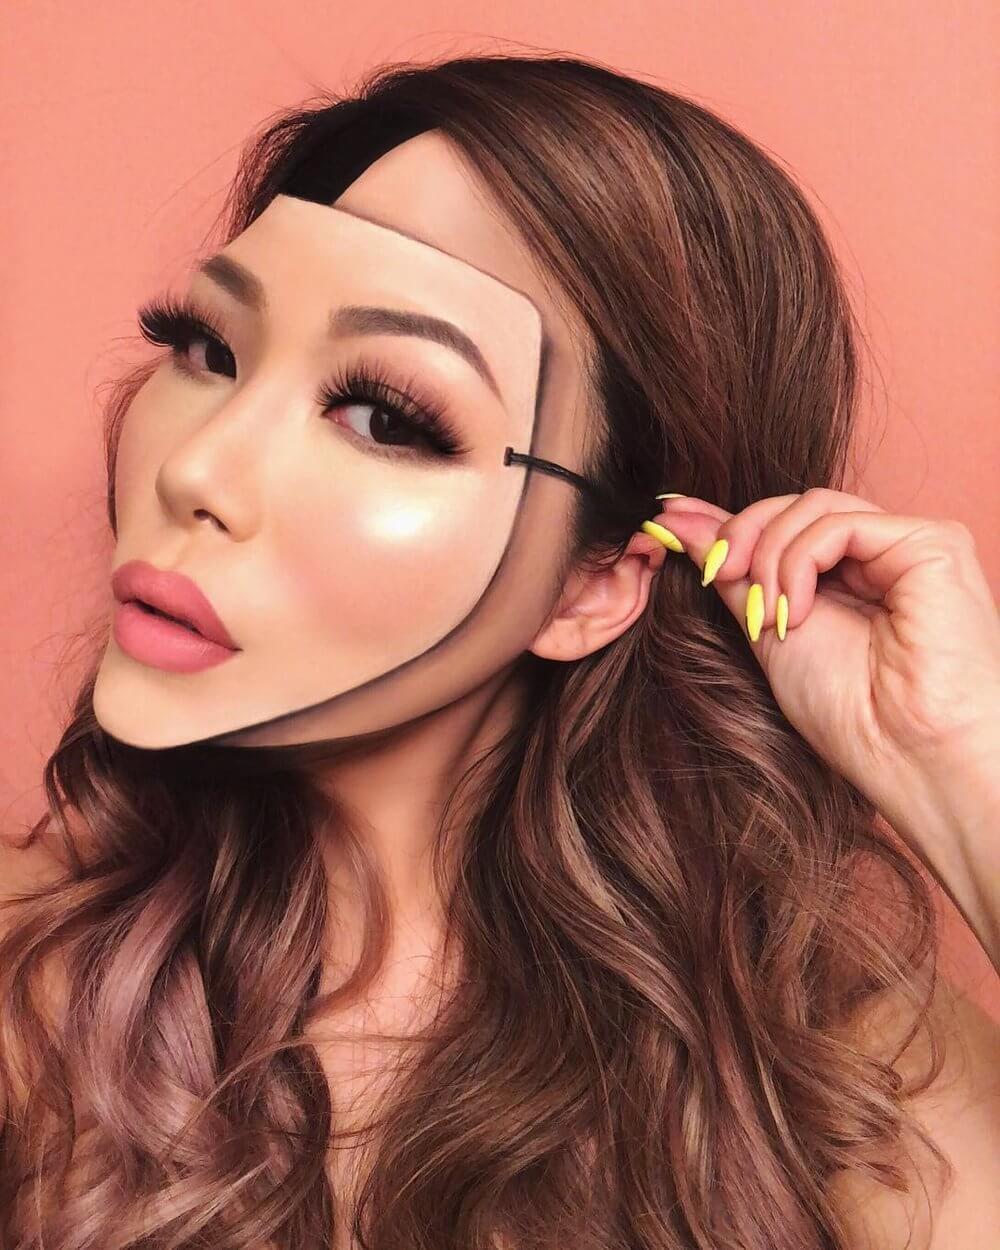 mimi's makeup portraits 3 (1)